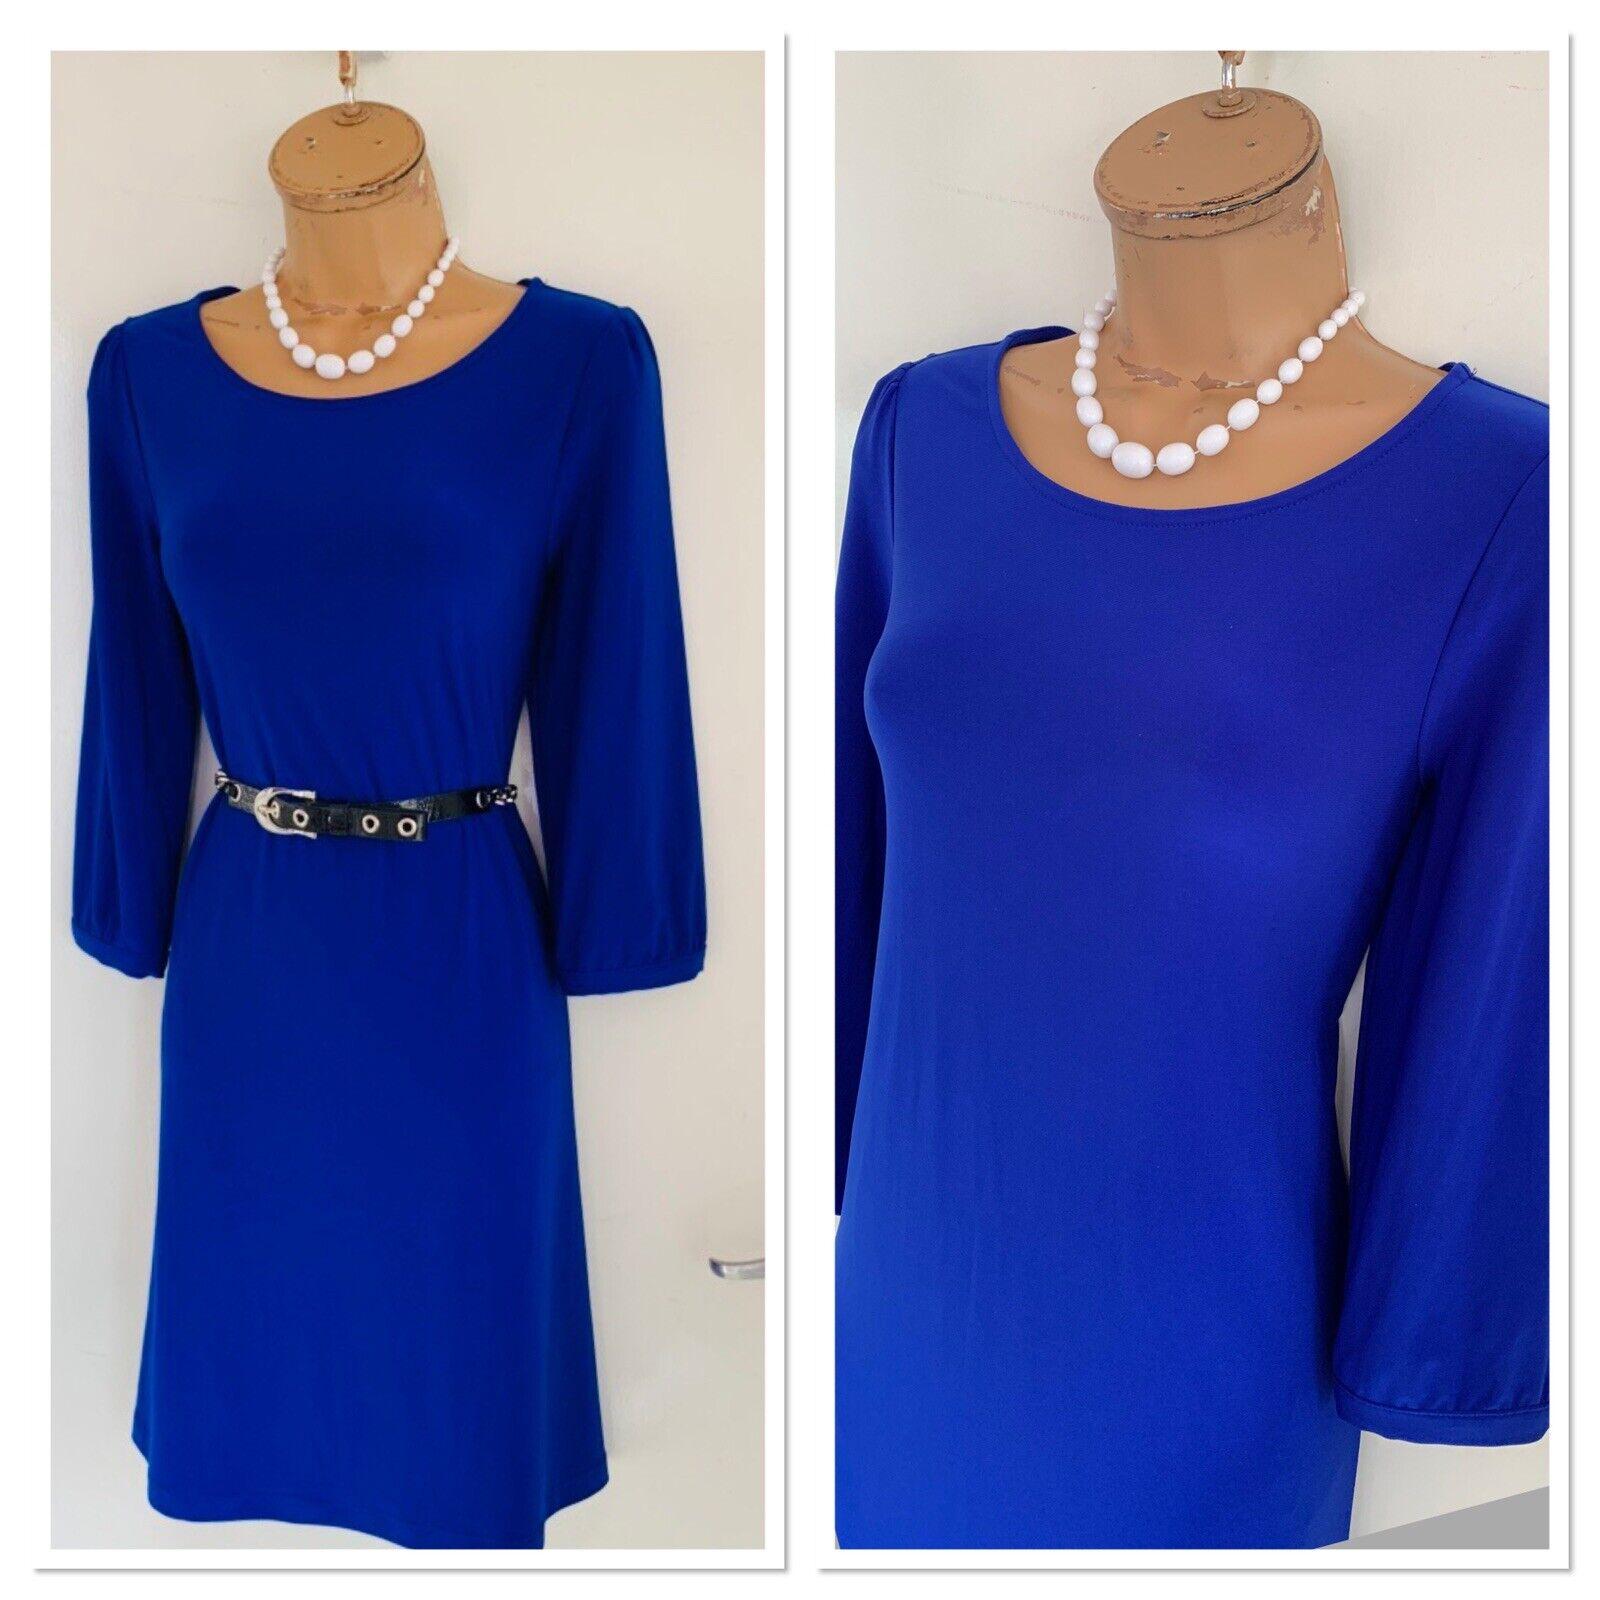 Camisa De Jersey Azul Hermoso Joseph RIBKOFF  vestido tamaño de Reino Unido 10  Tienda de moda y compras online.